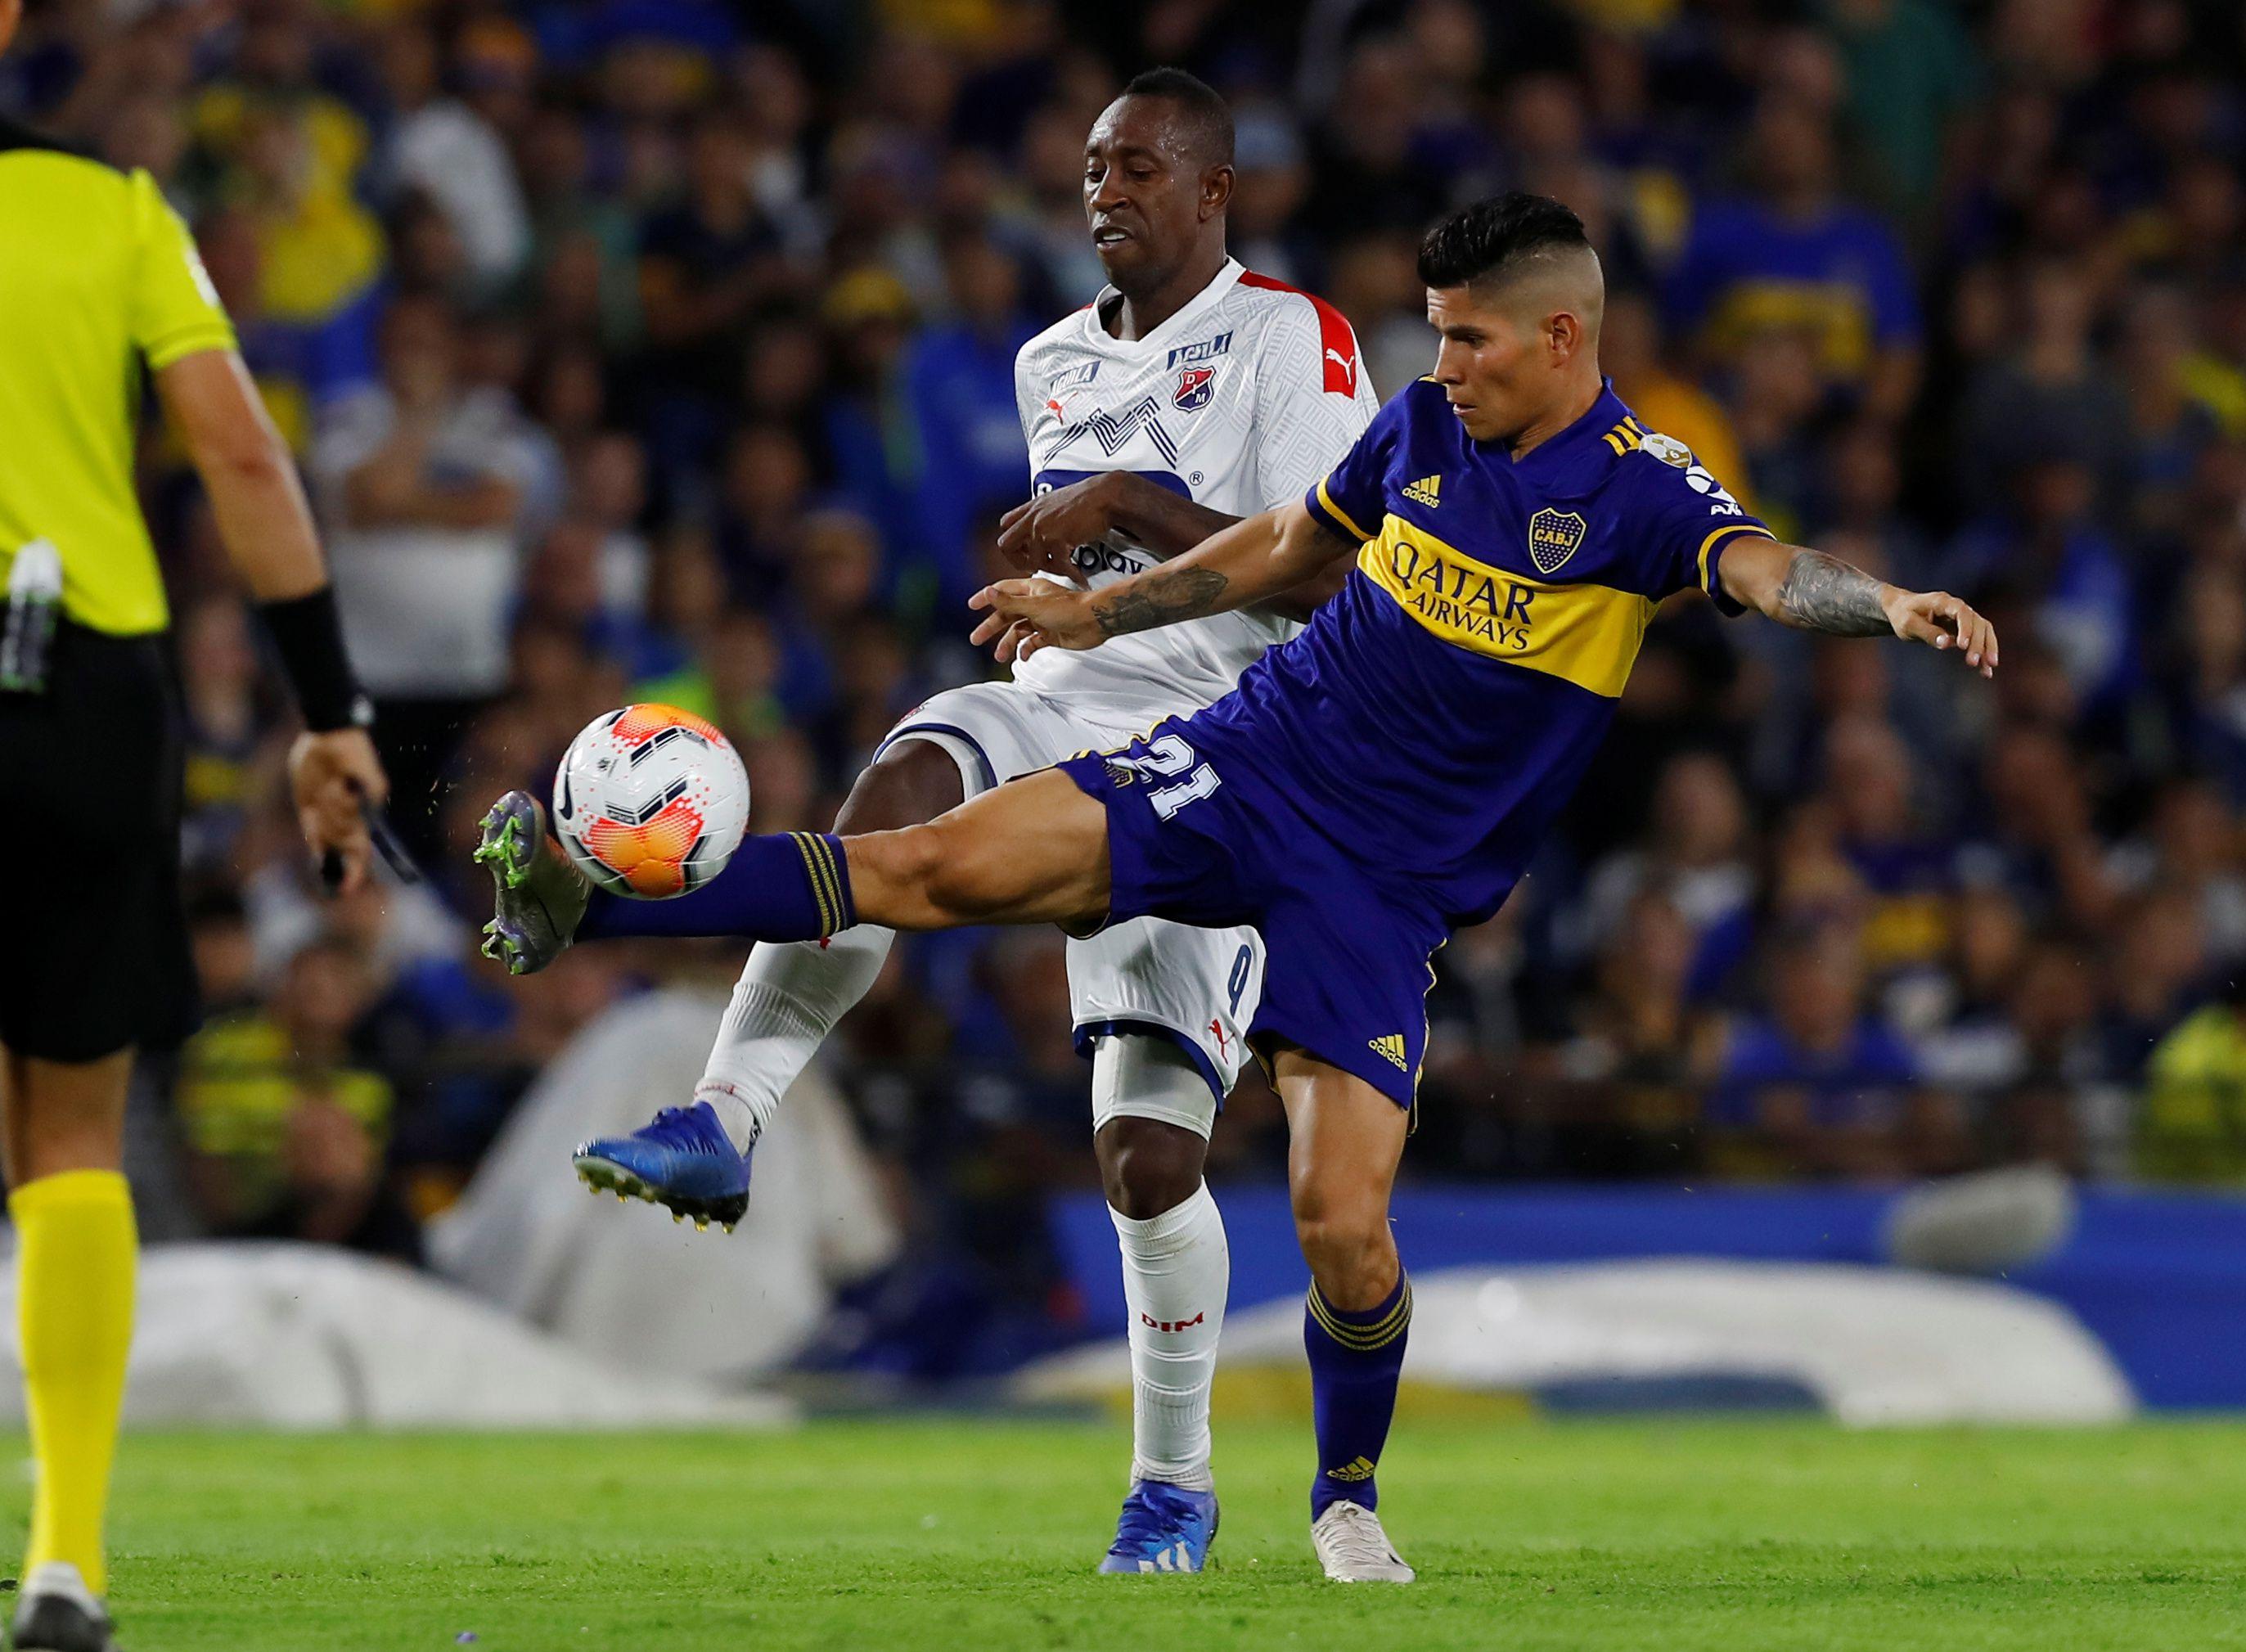 Boca enfrentará esta noche a DIM por la cuarta fecha de la fase de grupos de la Copa Libertadores. Si el Xeneize gana, quedará muy cerca de adueñarse de un boleto a los octavos de final (REUTERS/Agustin Marcarian)